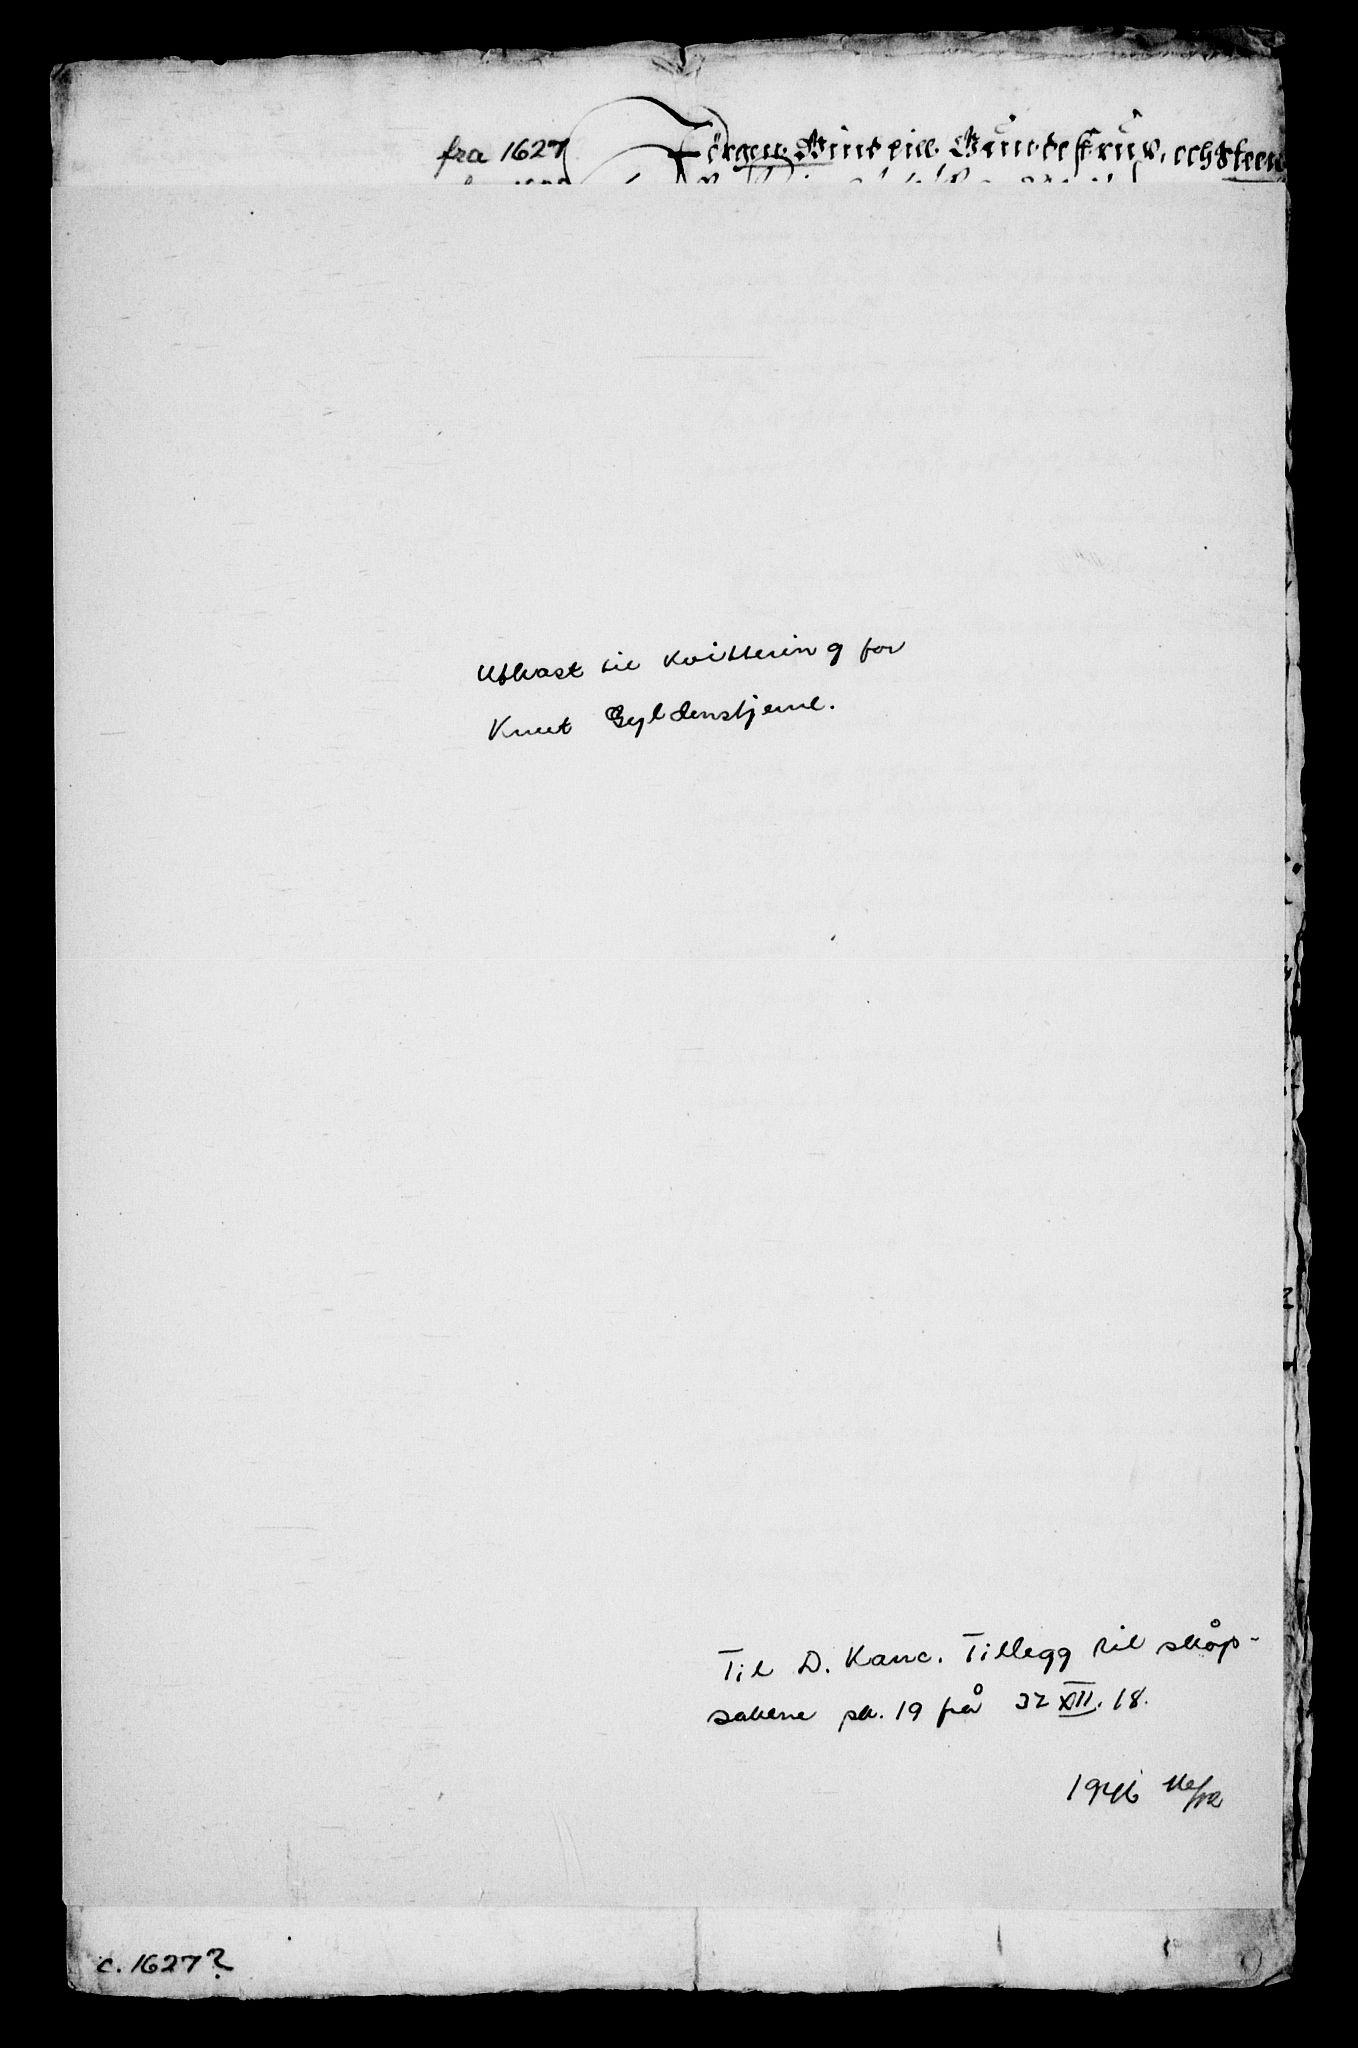 RA, Danske Kanselli, Skapsaker, G/L0019: Tillegg til skapsakene, 1616-1753, s. 62